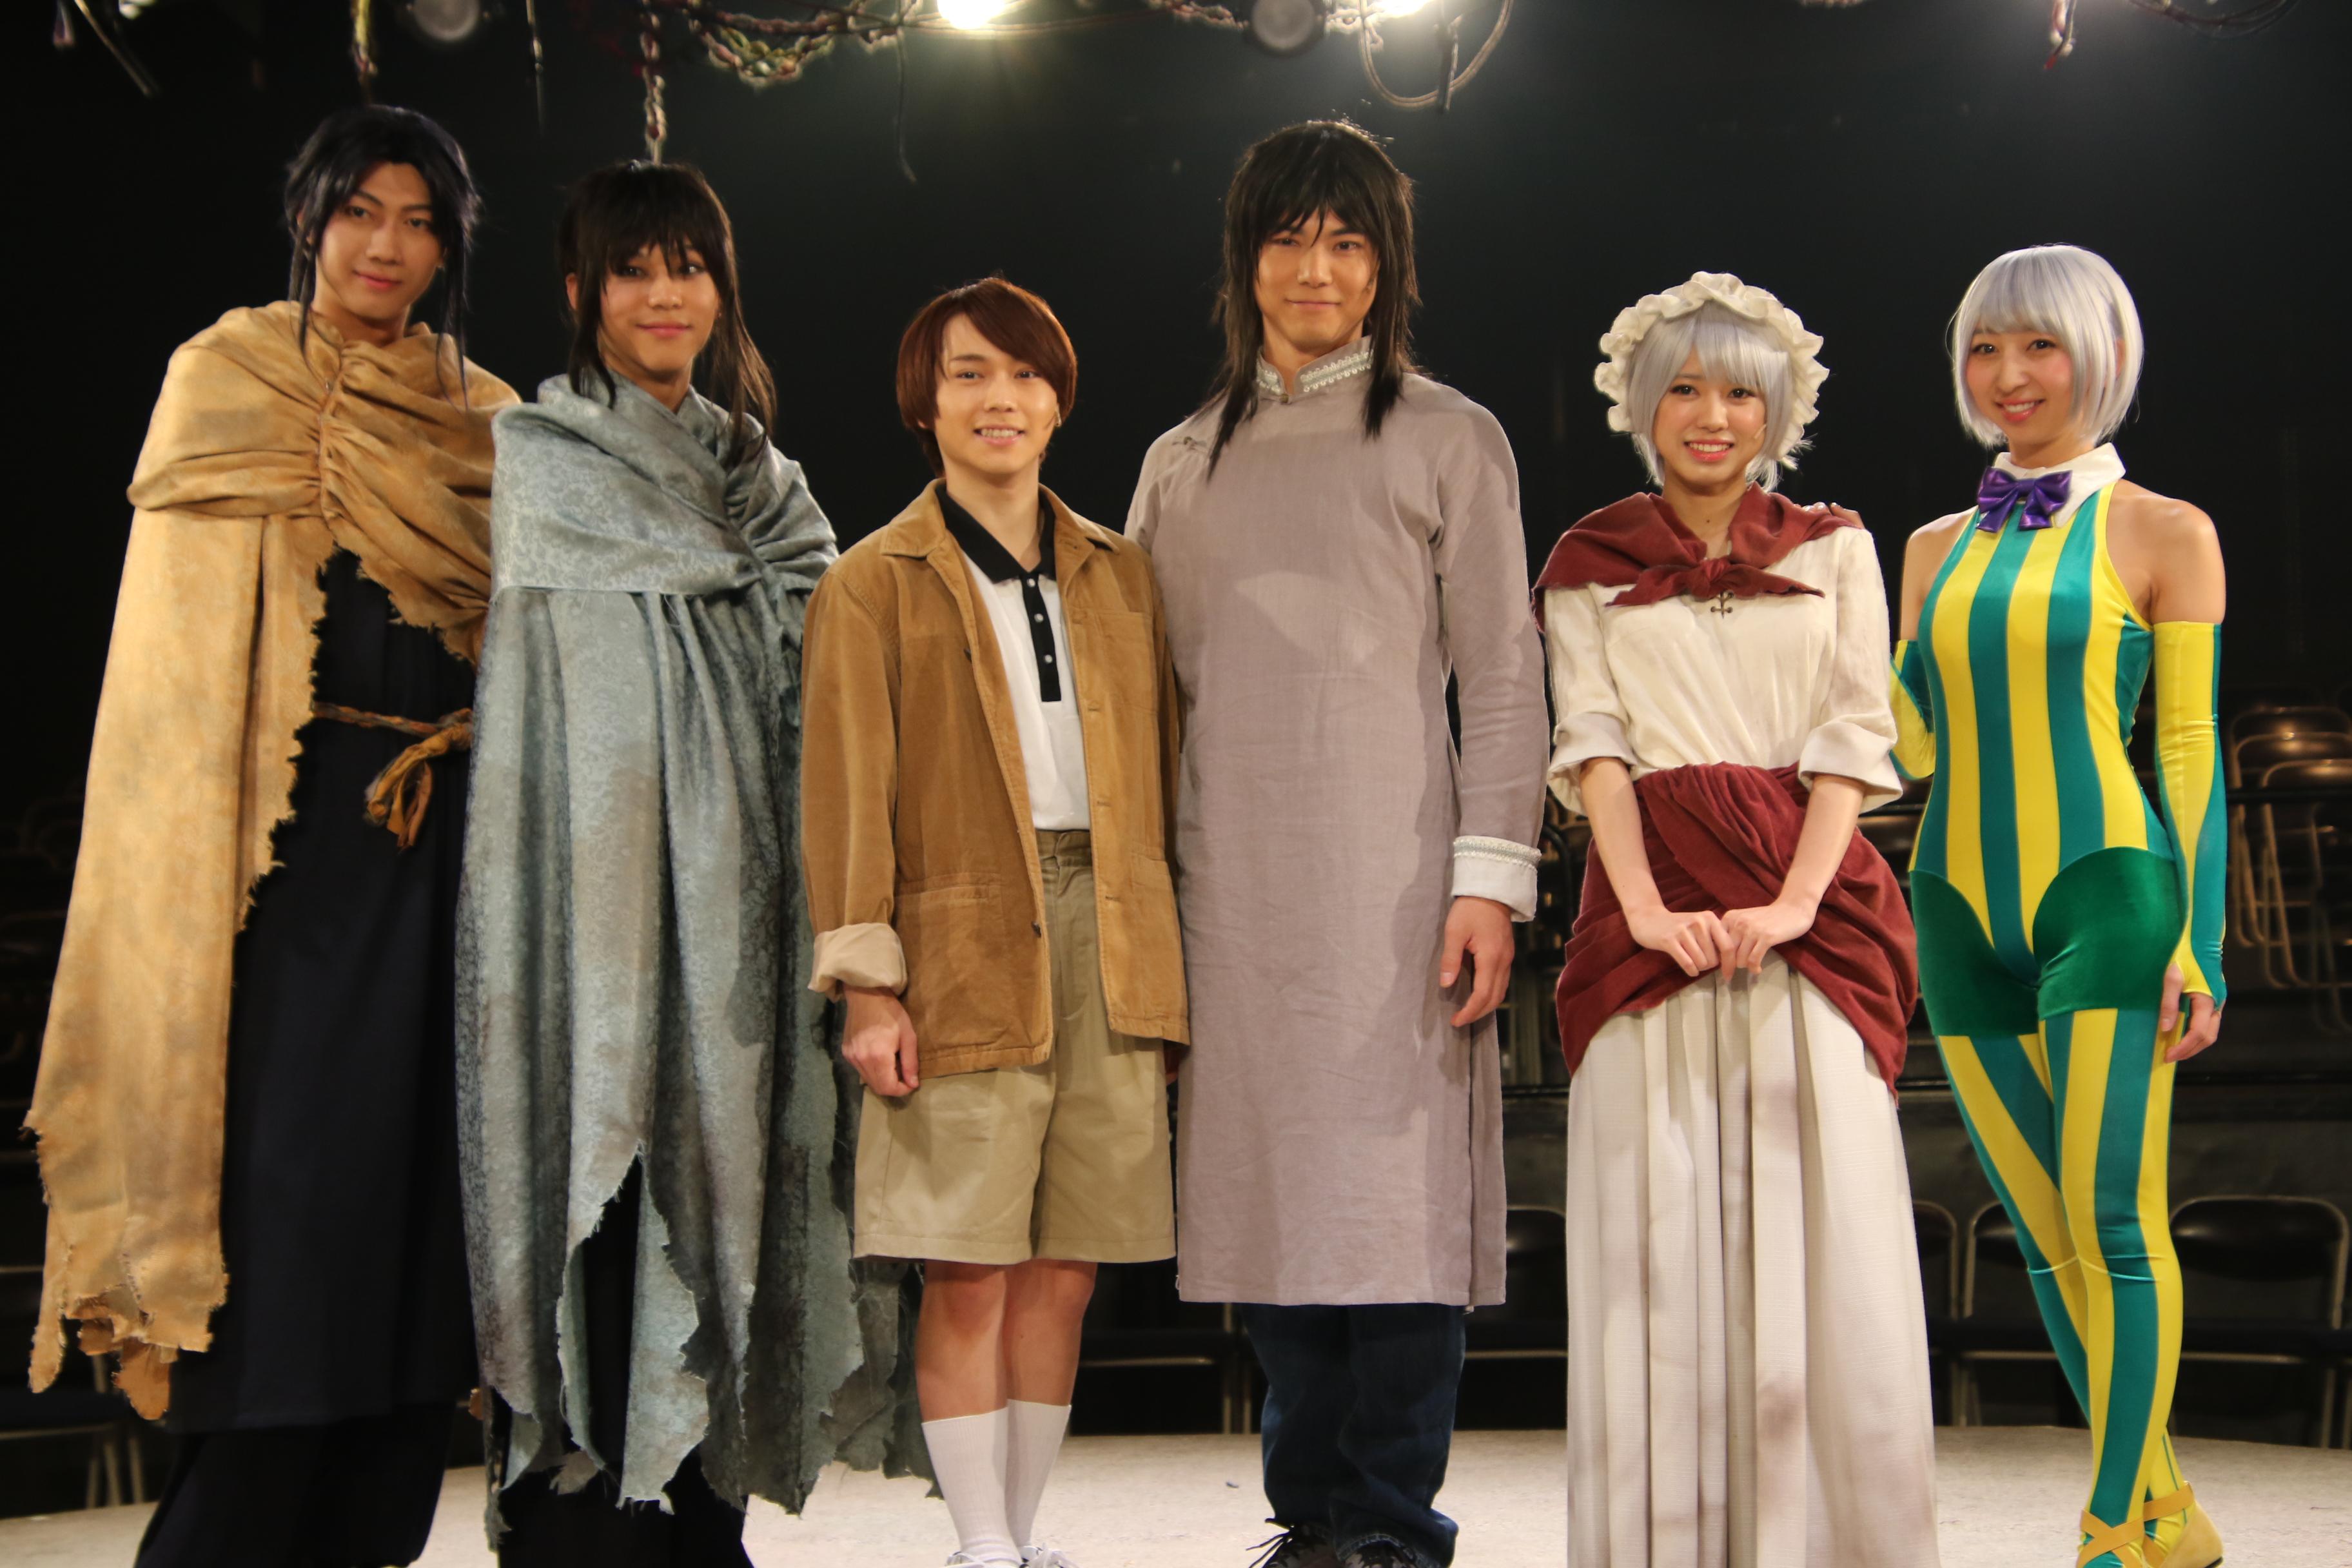 舞台劇「からくりサーカス」(囲み取材)での大西桃香(右から2番目)